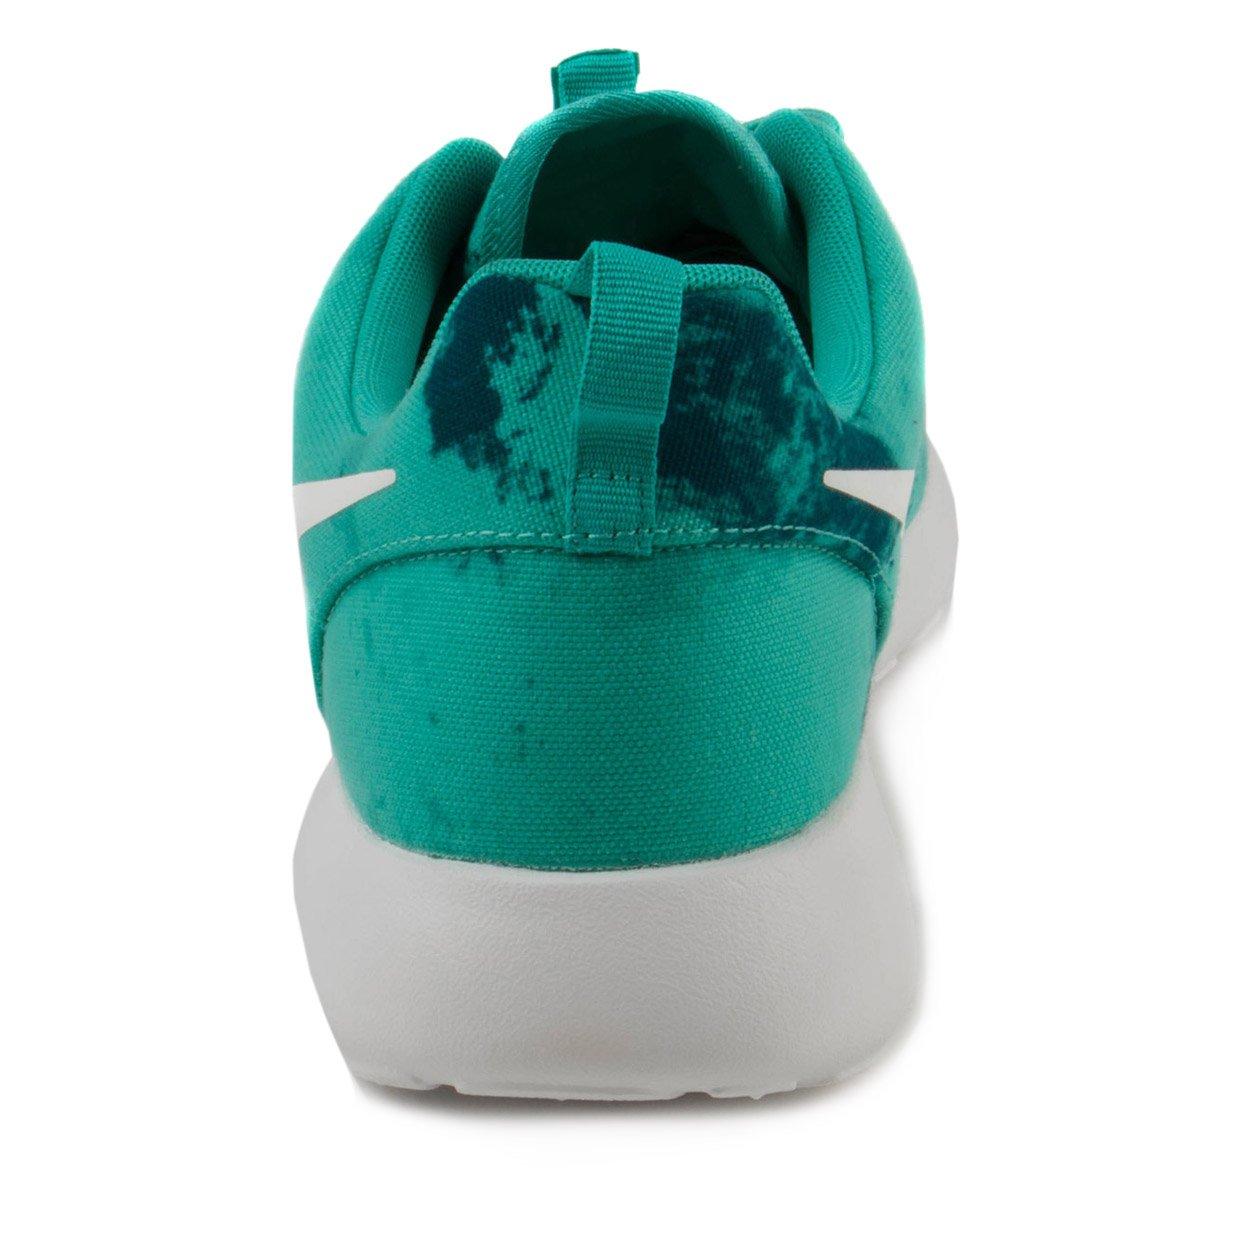 d774693b3 Zapatillas de running NIKE Mens Air Zoom Structure 19 Luz retro    blanco-verde azulado